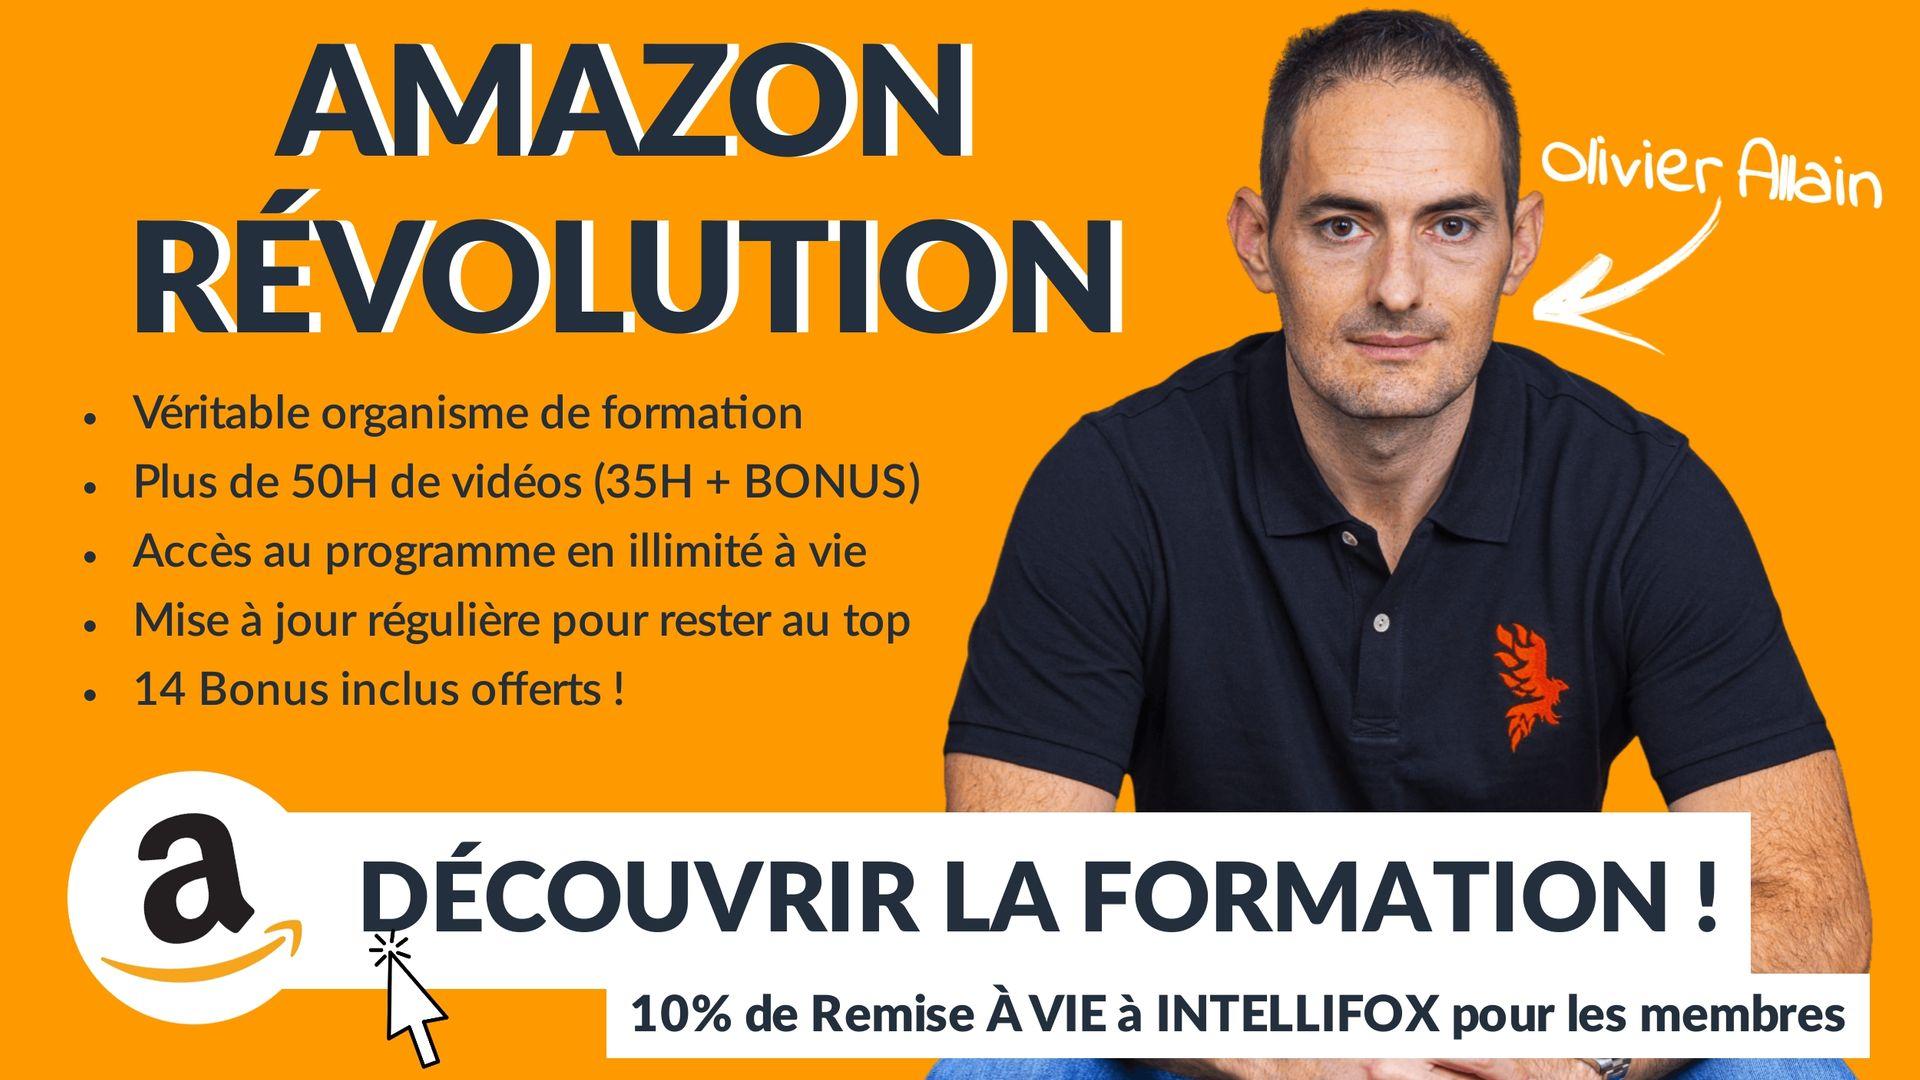 Intellifox - Amazon Revolution Olivier Allain